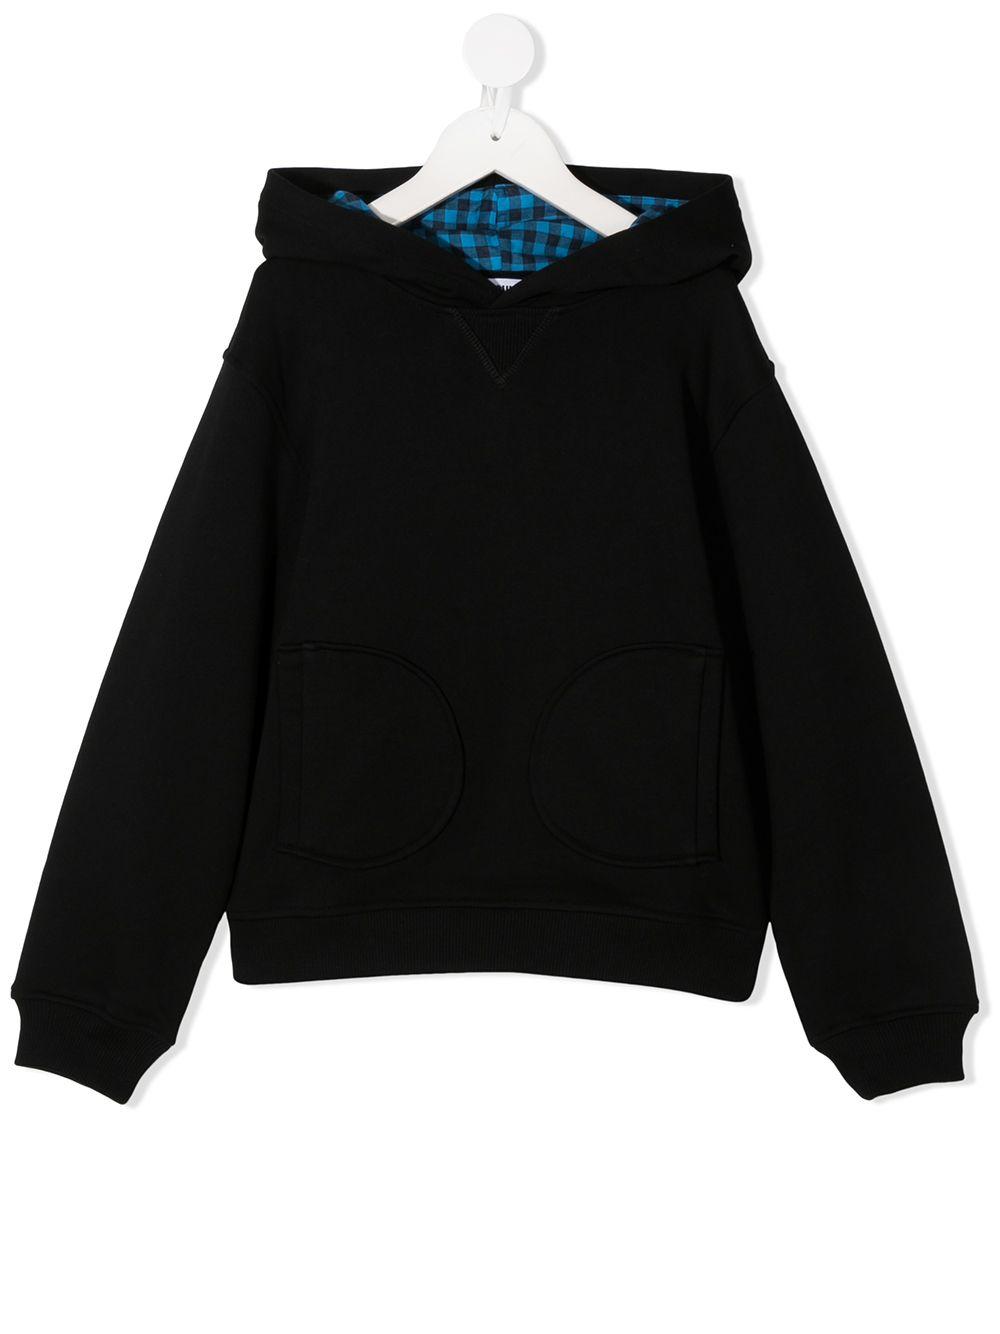 MOSCHINO KIDS | Sweatshirt | HUF04CLCA1460100